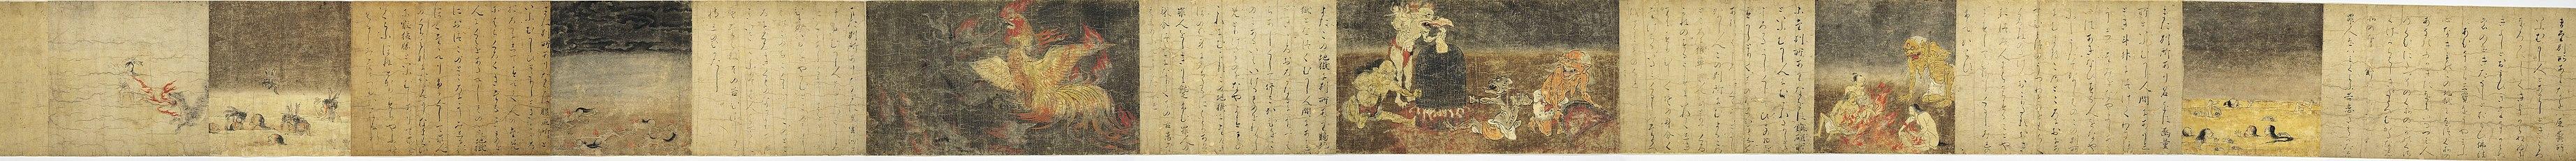 Hell Scroll (Nara National Museum) - Wikipedia